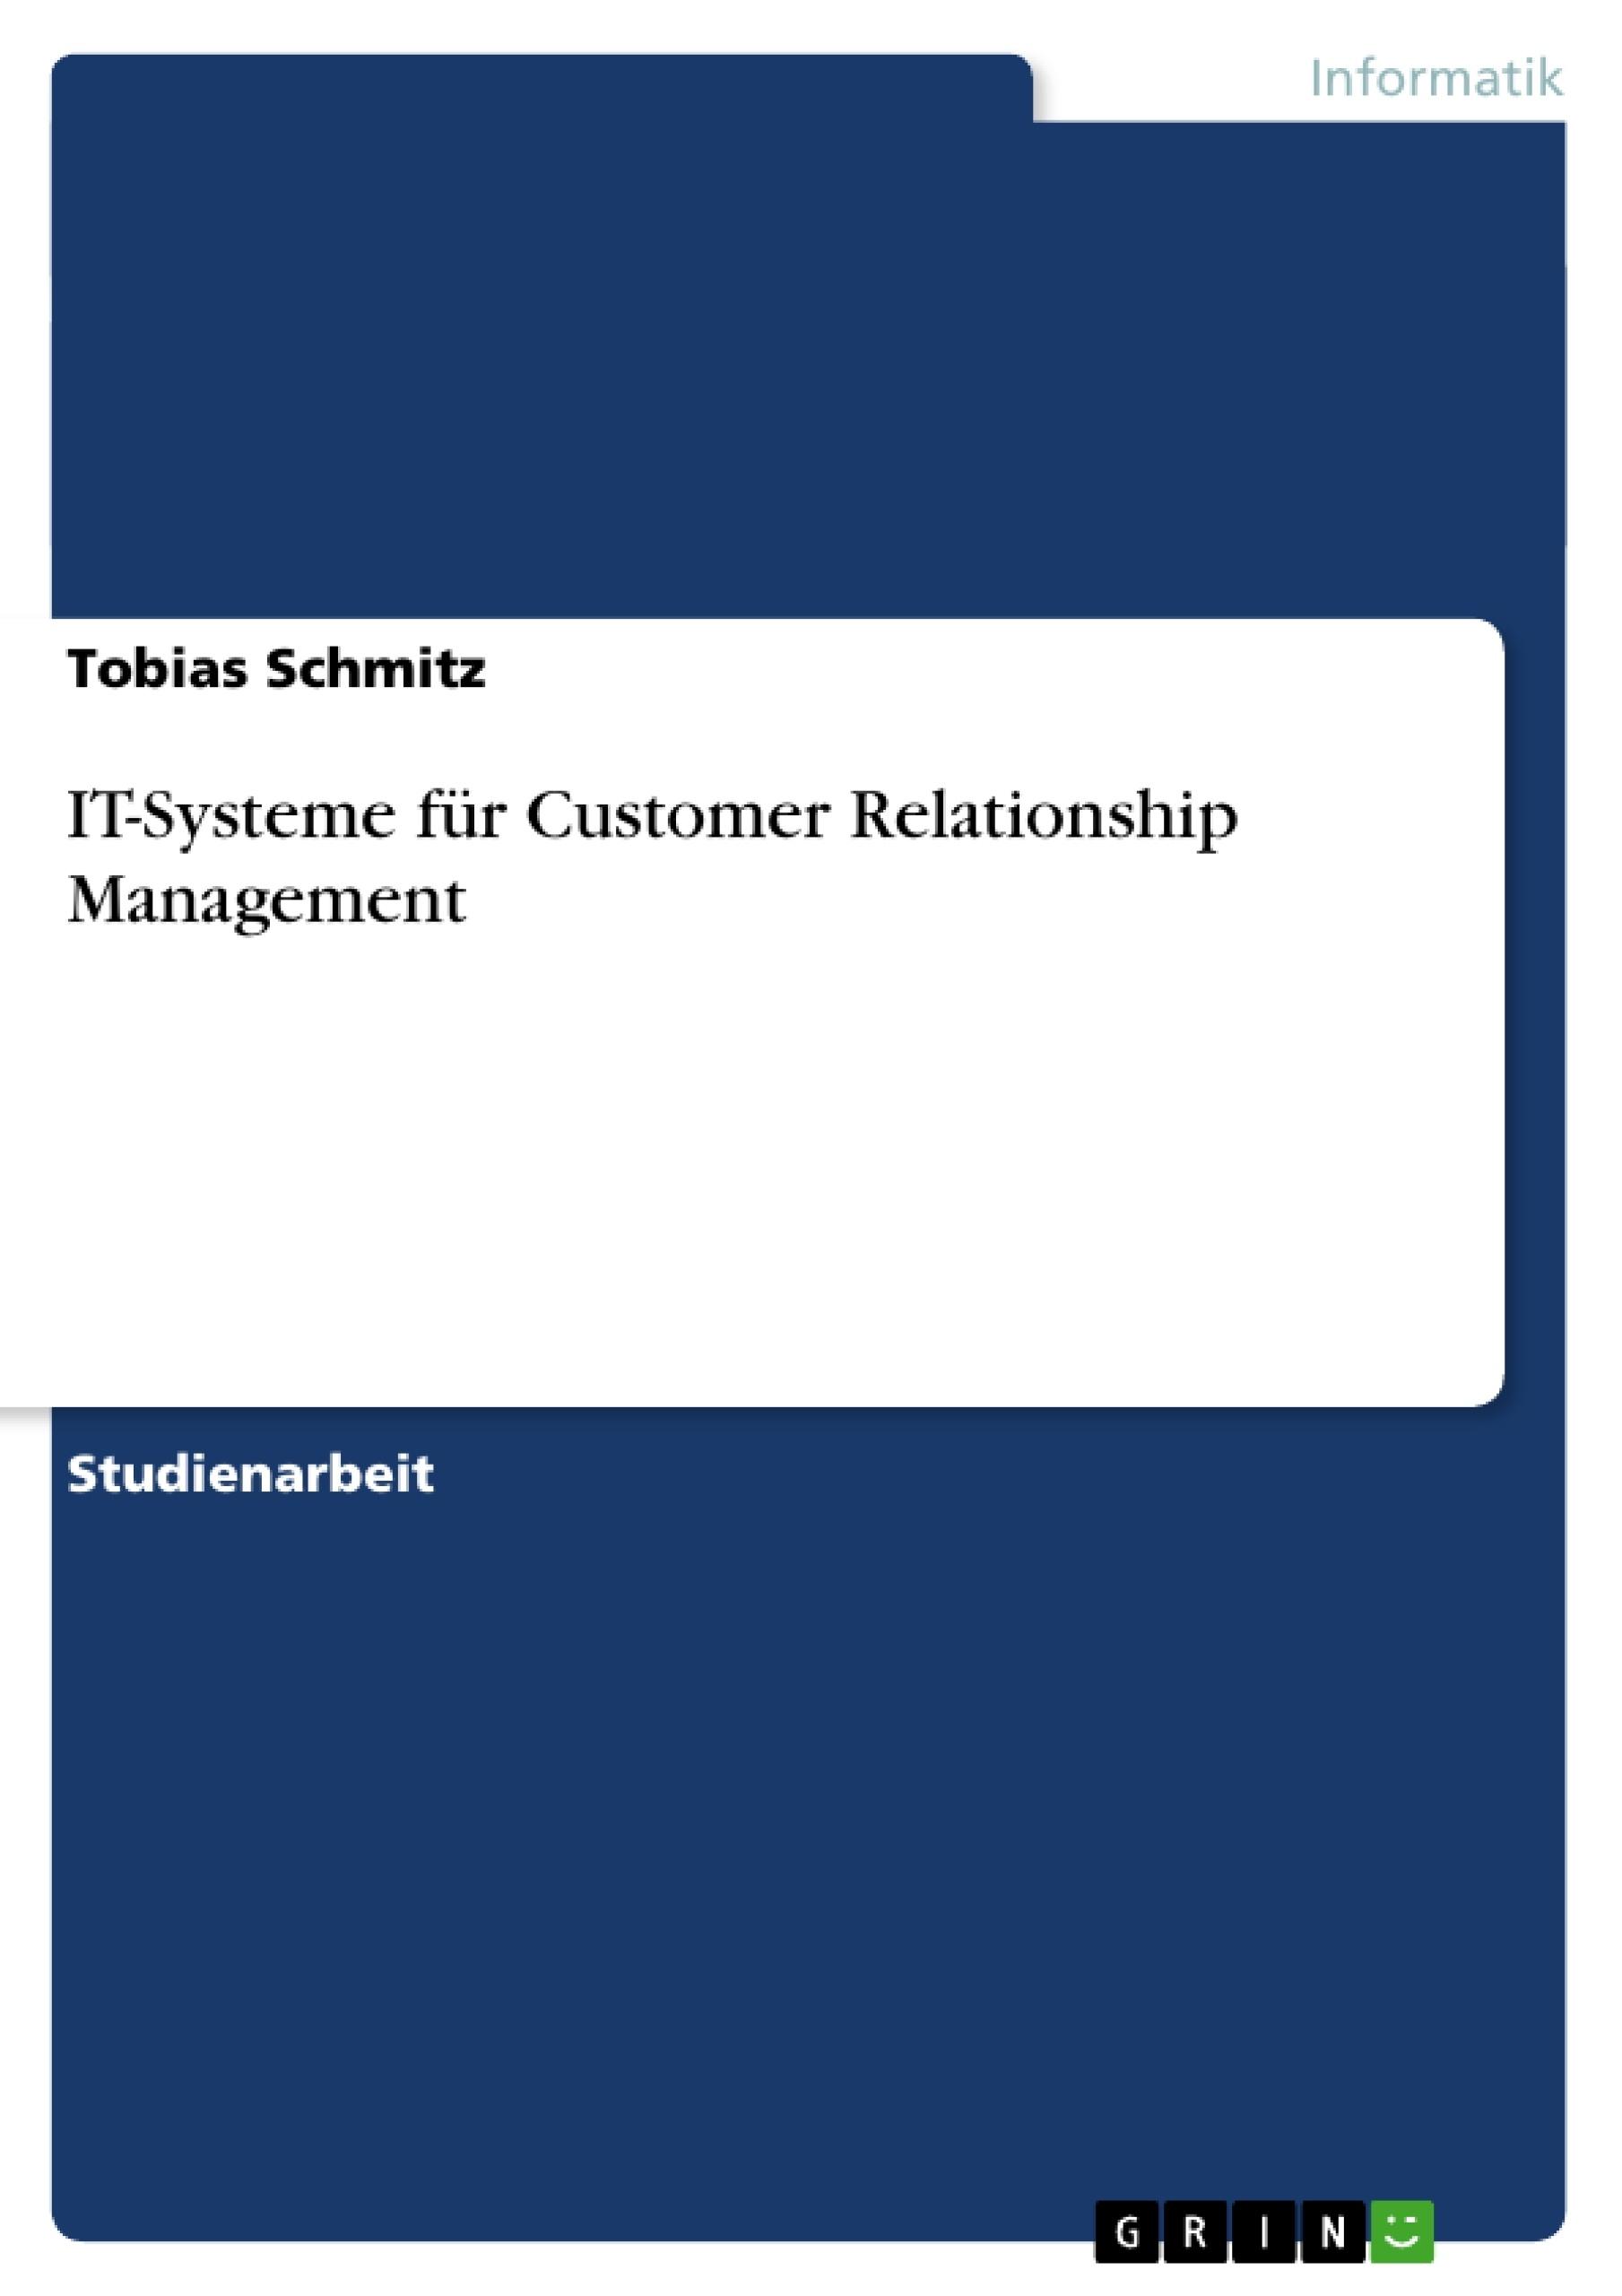 Titel: IT-Systeme für Customer Relationship Management